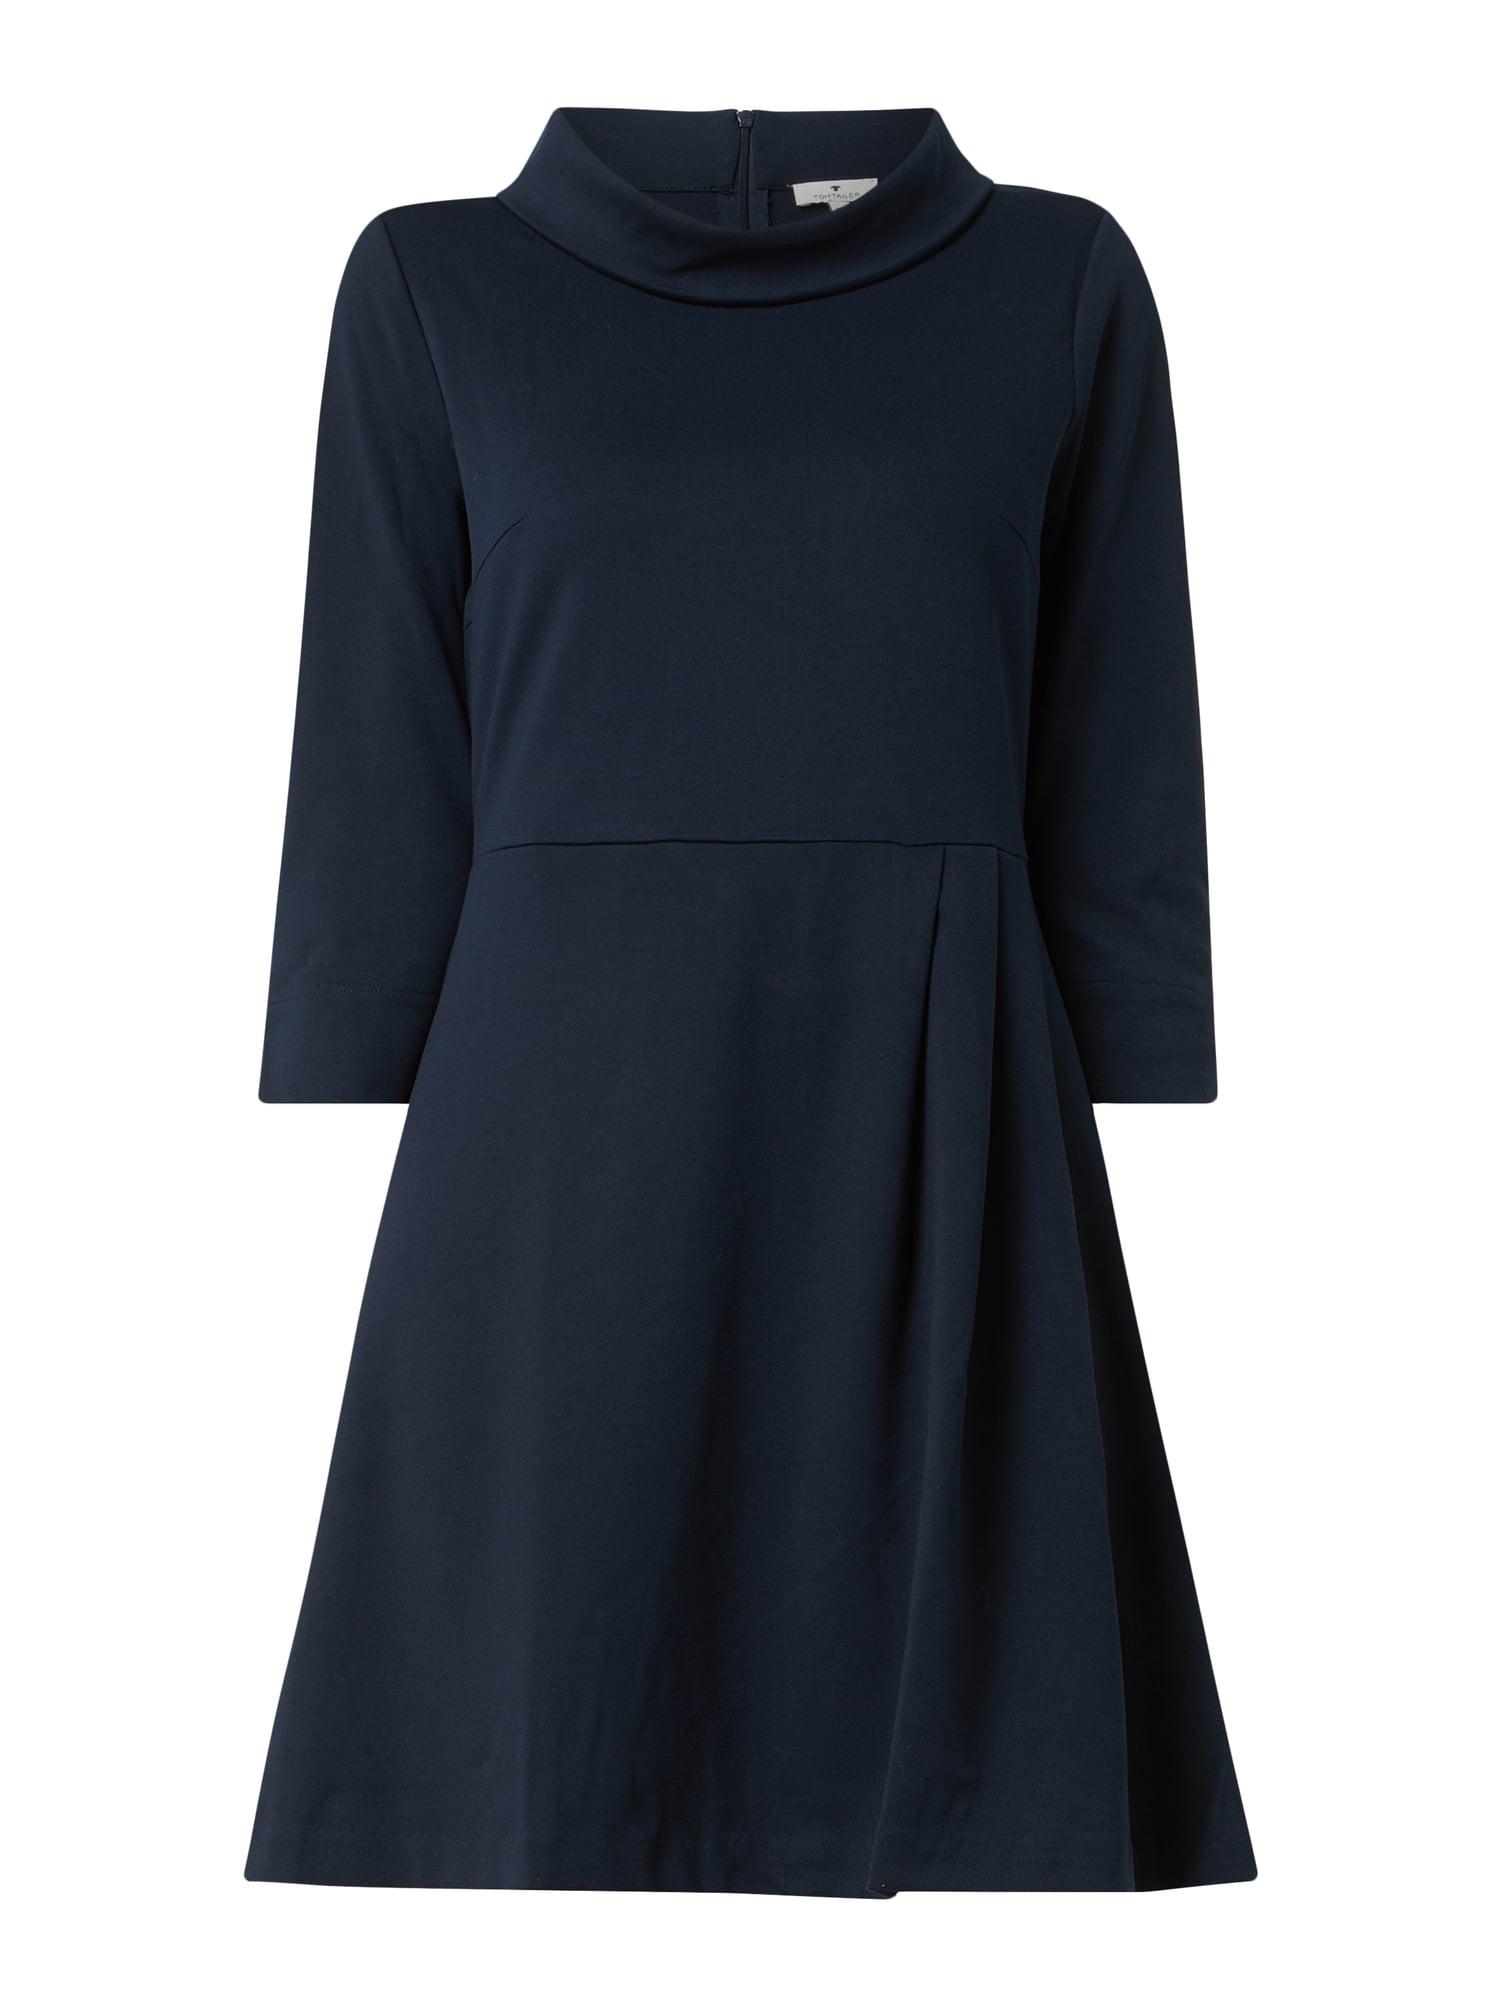 Tom Tailor Kleid Mit Dreiviertelärmeln In Blau / Türkis